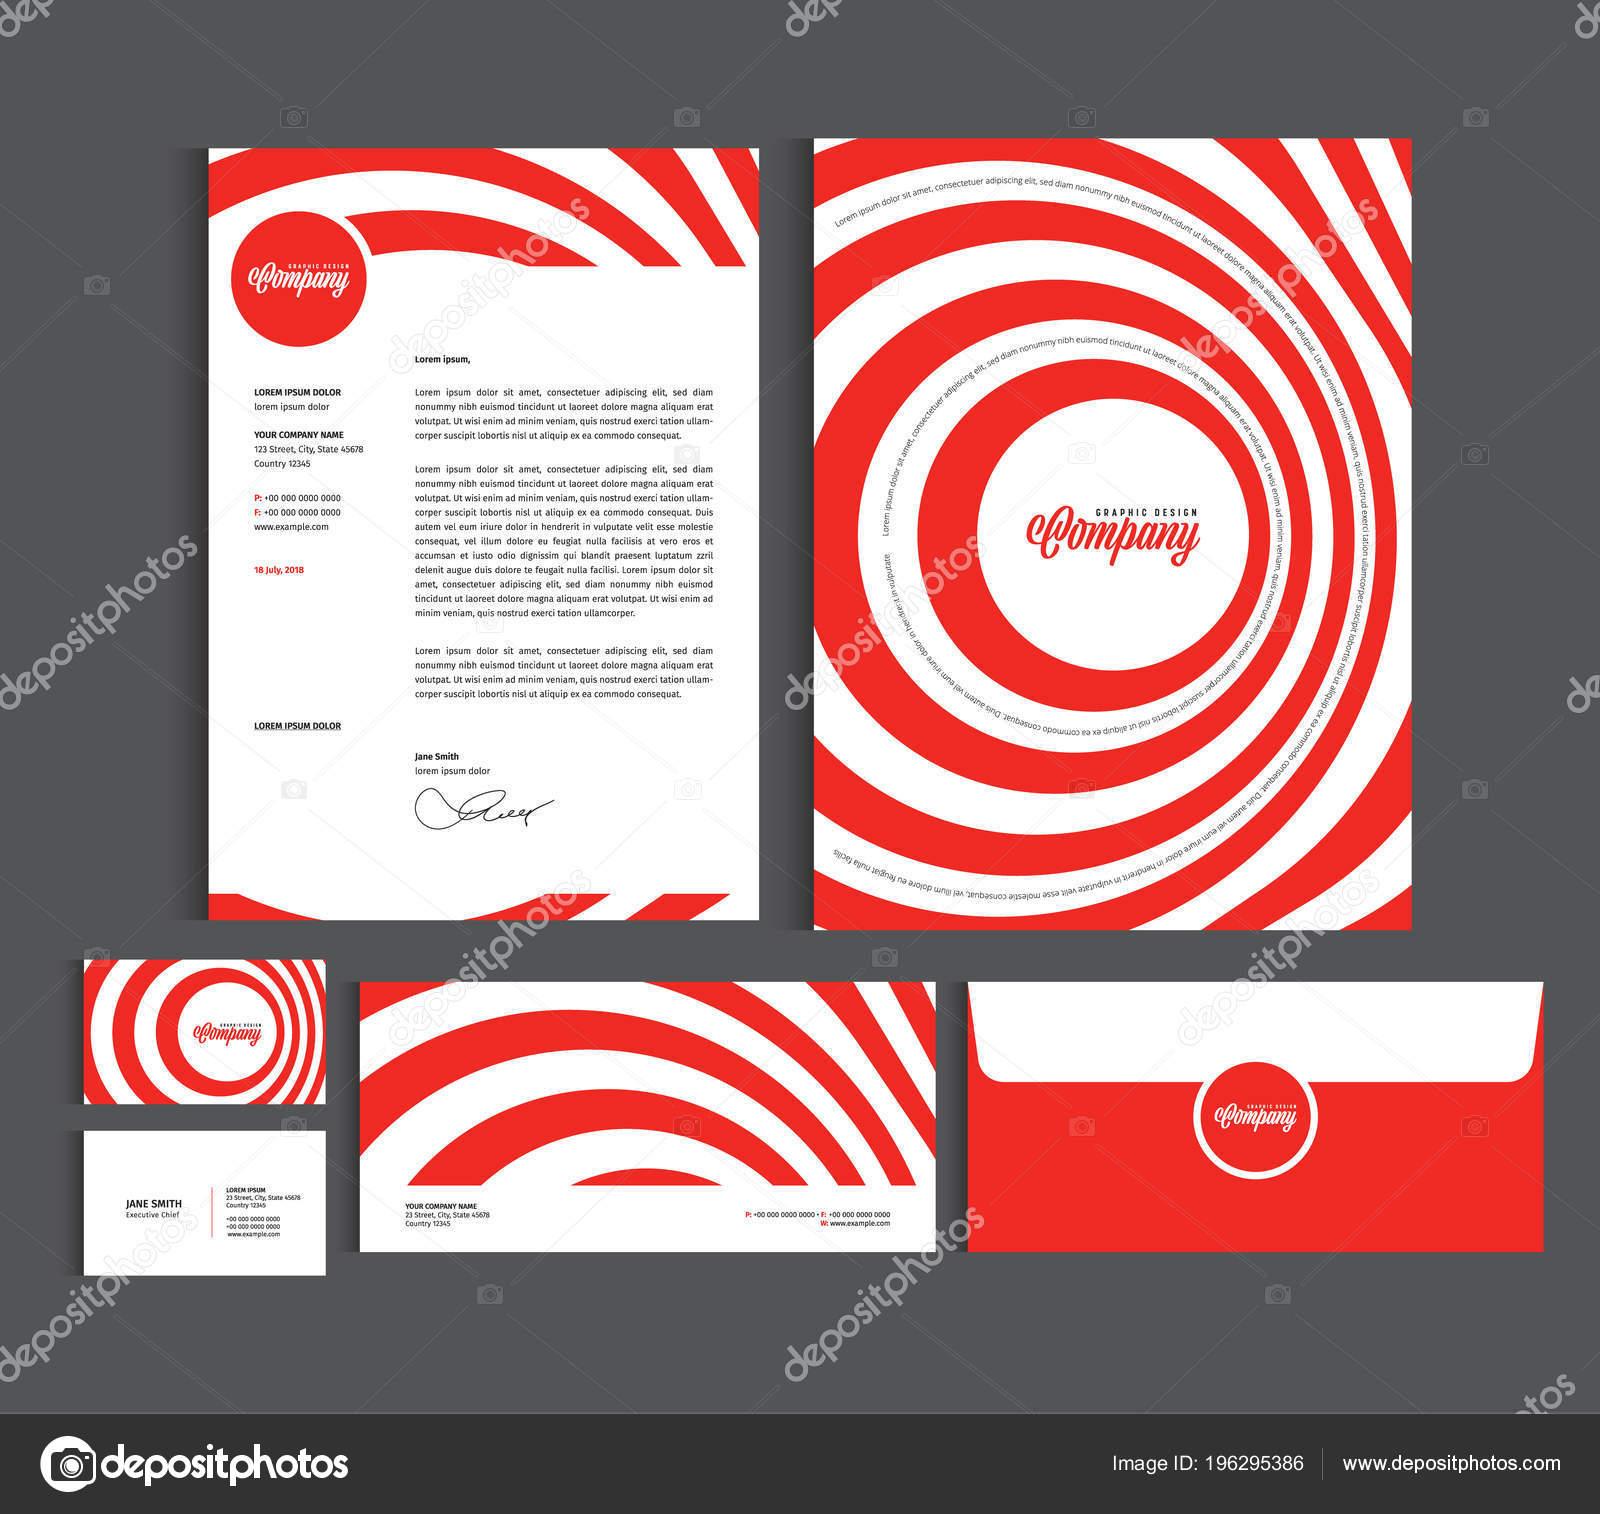 Unternehmens Identität Design Vorlagen Schreibset Briefkopf Vorlage